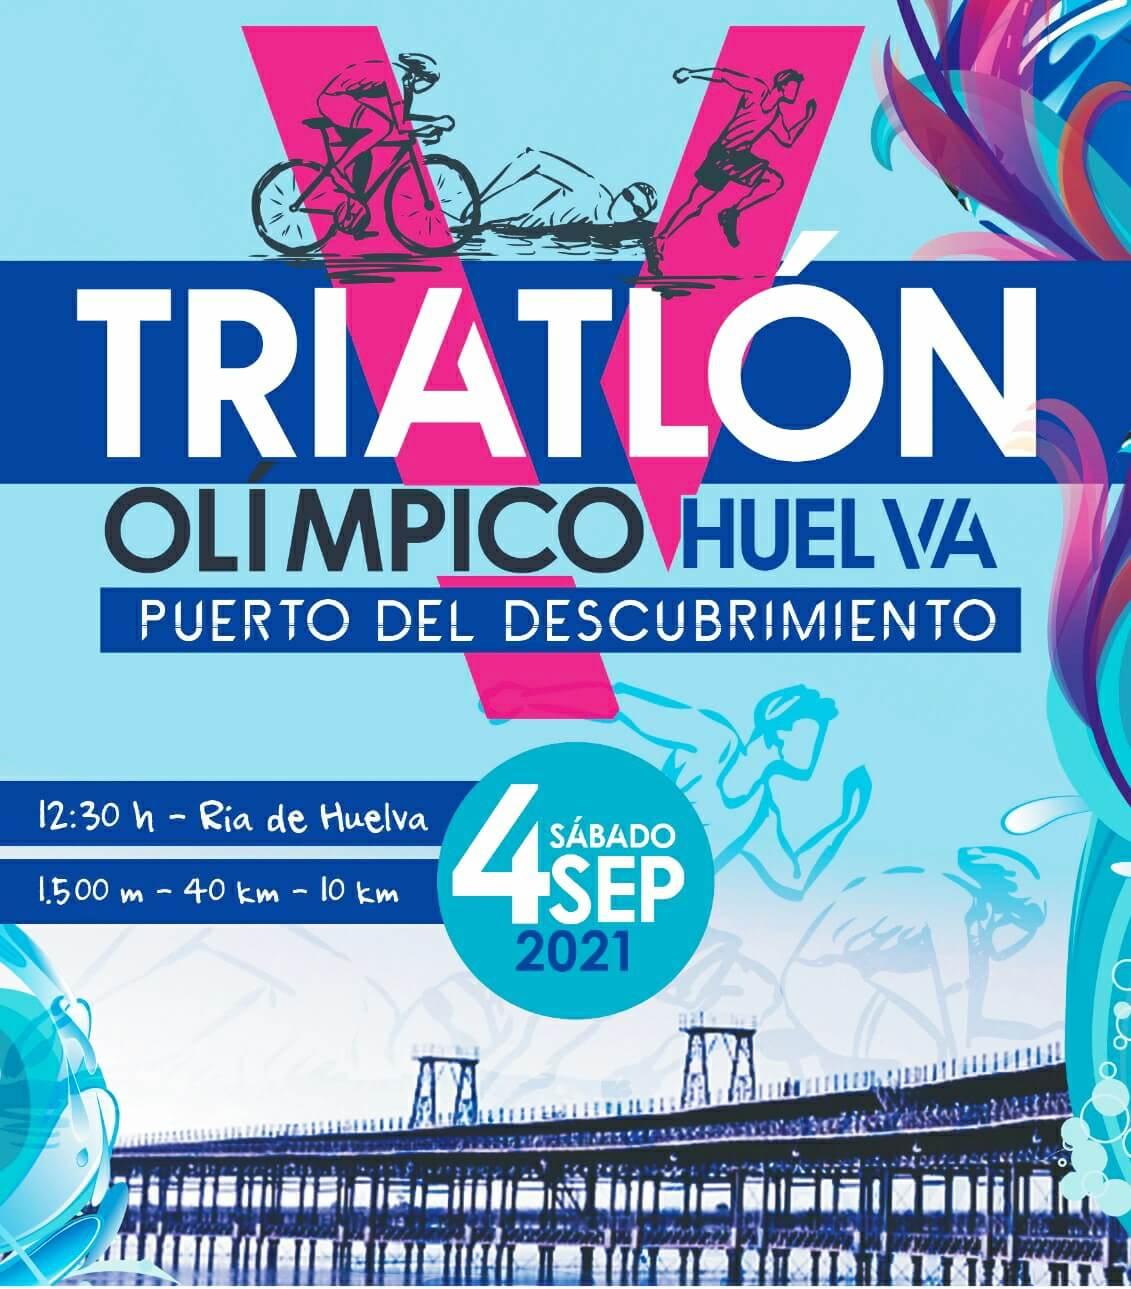 Triatlón Olímpico Huelva Puerto del Descubrimiento